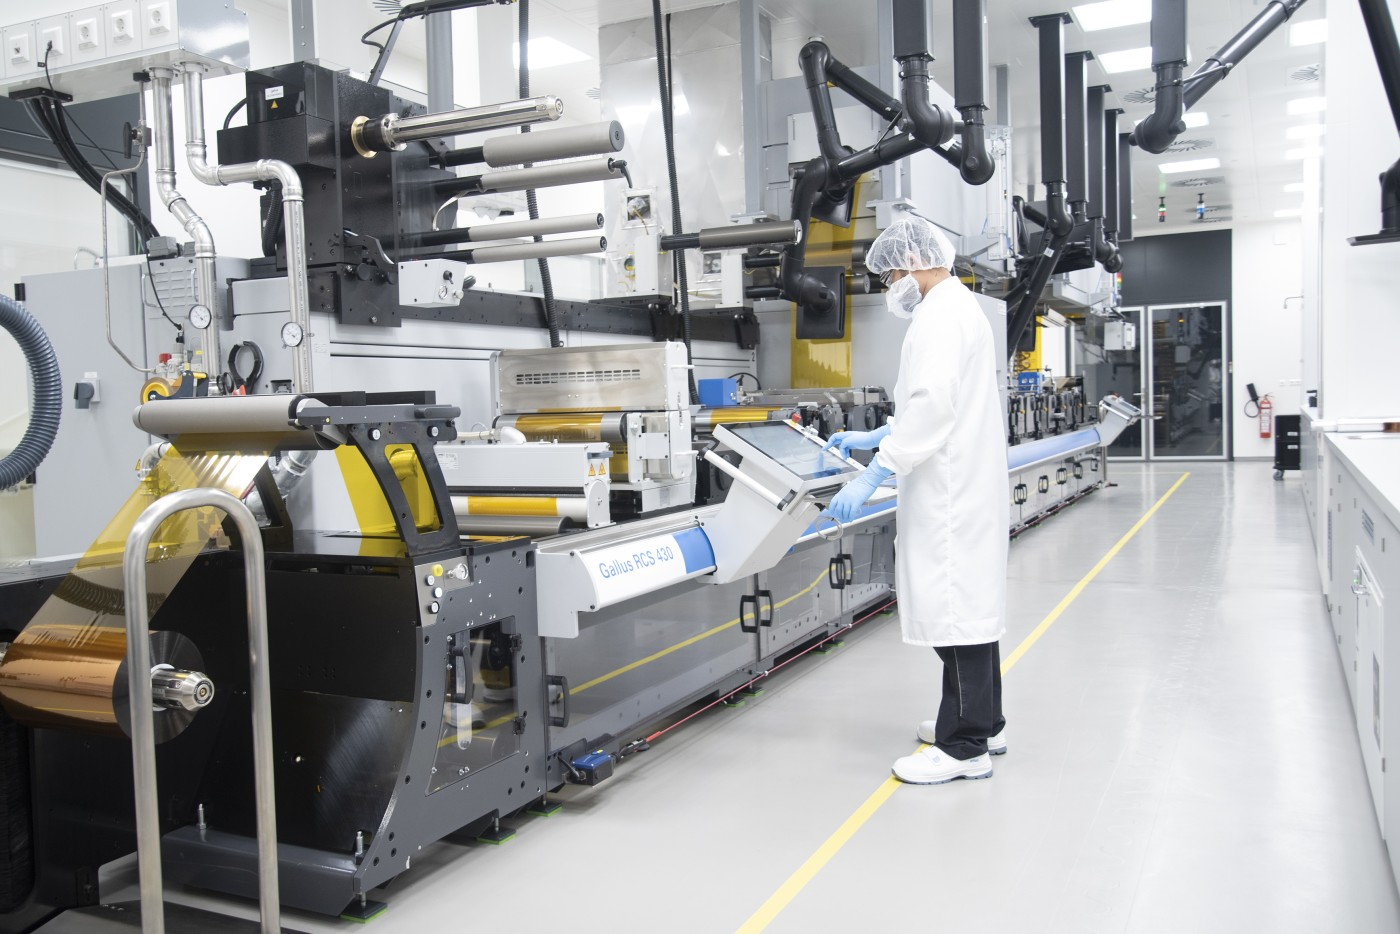 20200721_Produktion_gedruckter_und_organischer_Elektronik